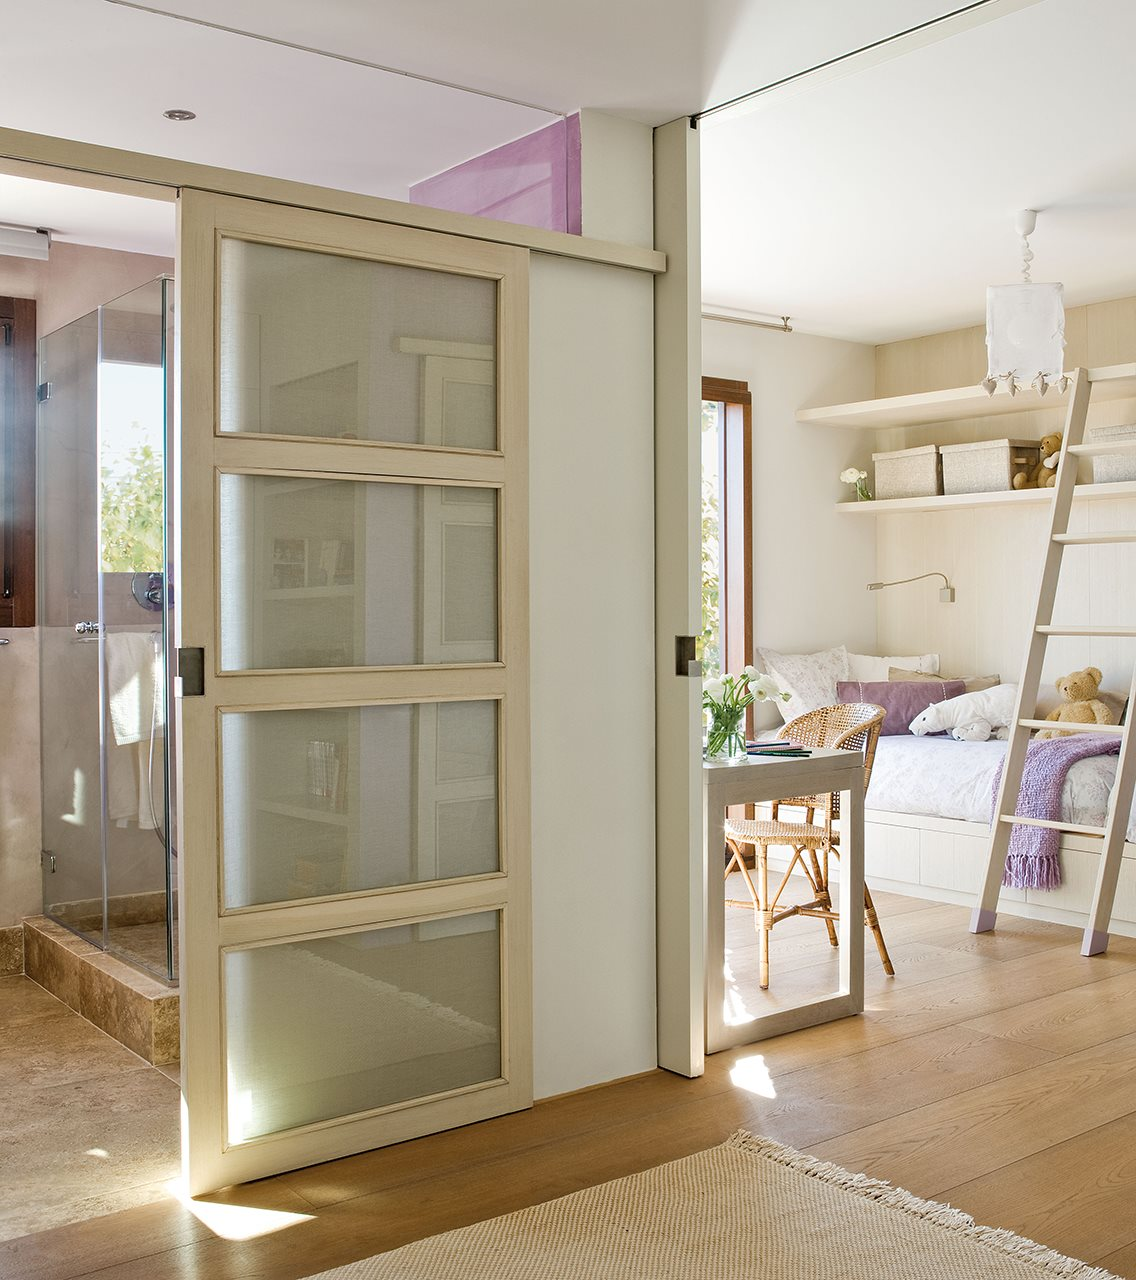 Peque as obras que dan luz y espacio - Precio de puertas correderas de cristal ...